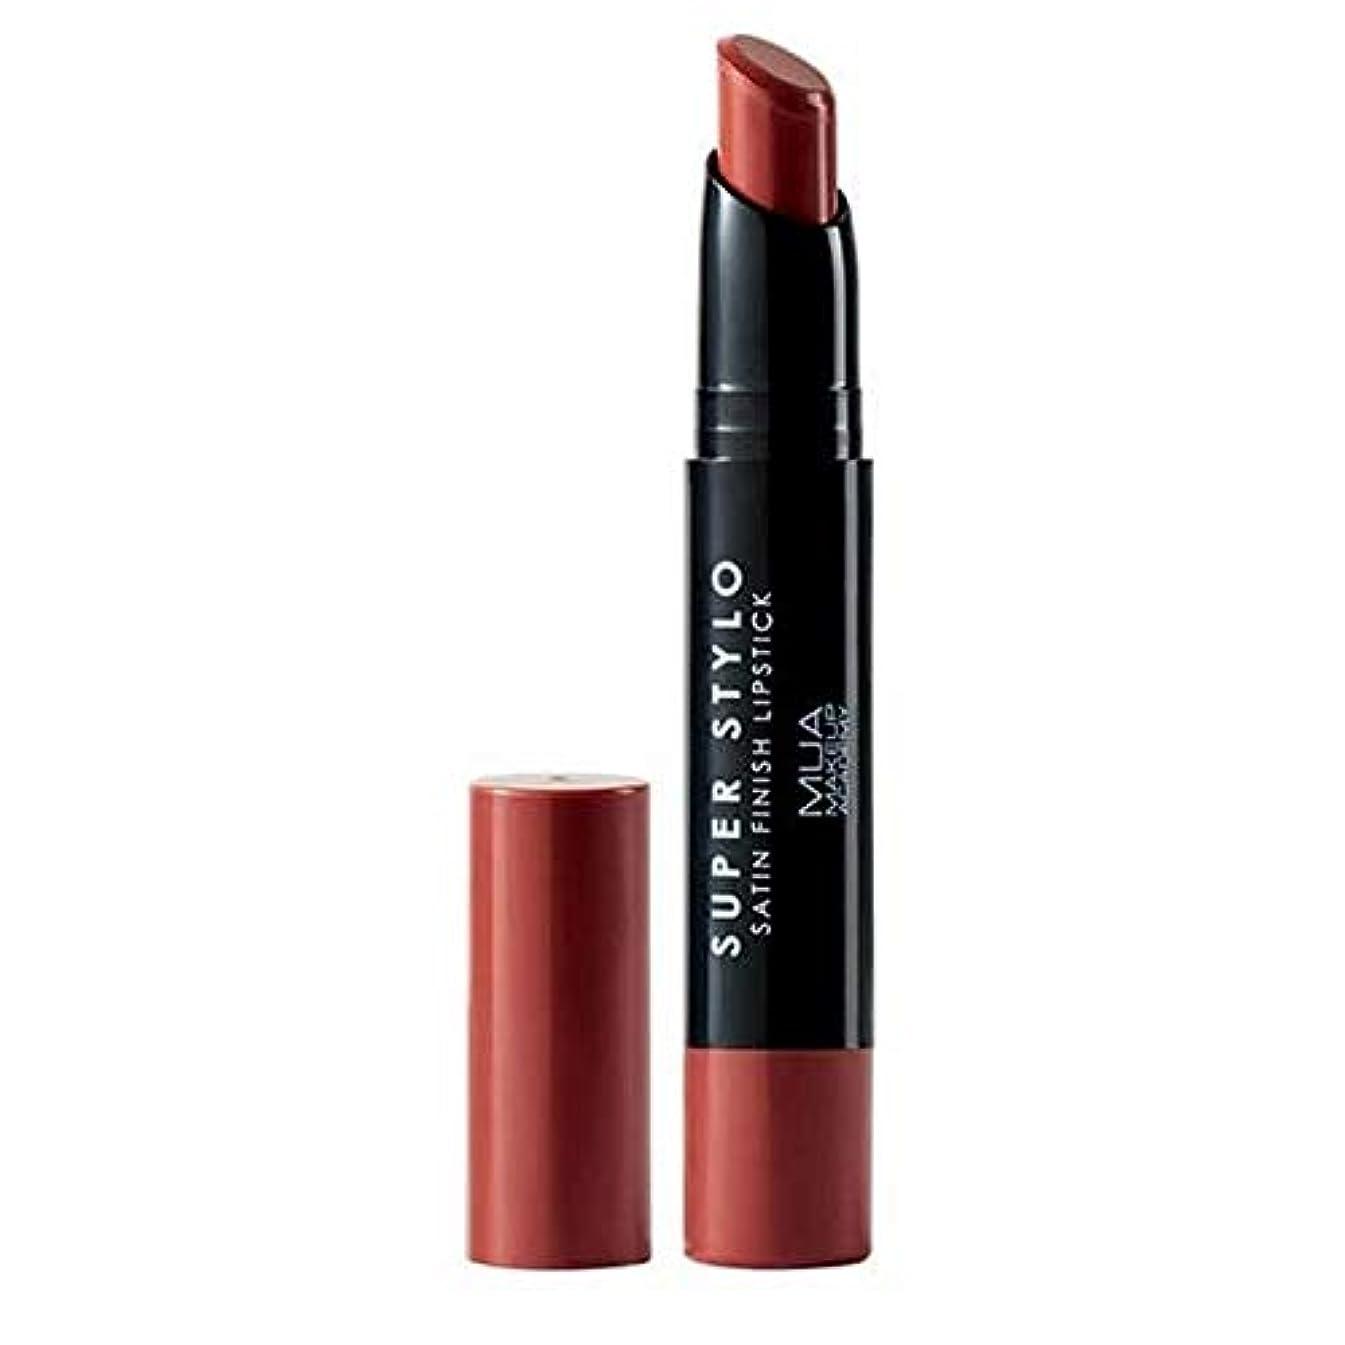 モバイル口頭例[MUA] MuaスーパーStylo口紅の主要005 - MUA Super Stylo Lipstick Major 005 [並行輸入品]